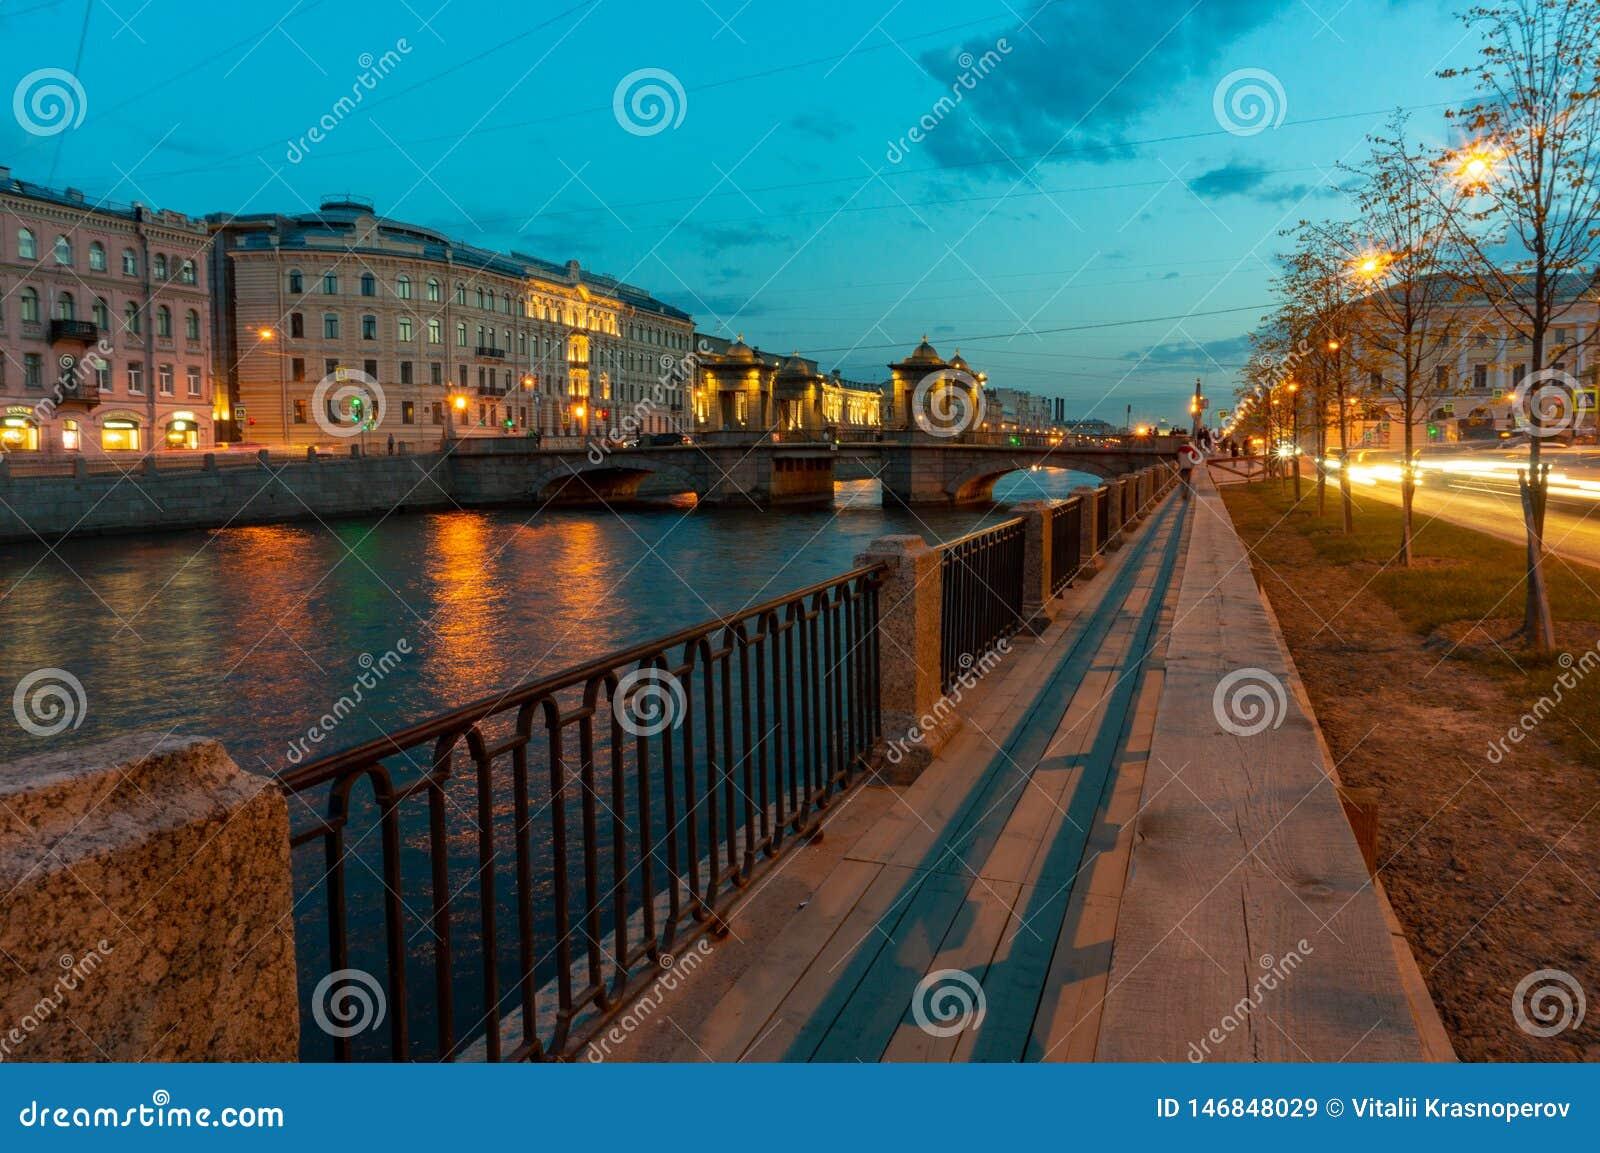 Мост Lomonosov через реку Fontanka в Санкт-Петербурге, России Исторический возвышанный передвижной мост, строит в XVIII веке